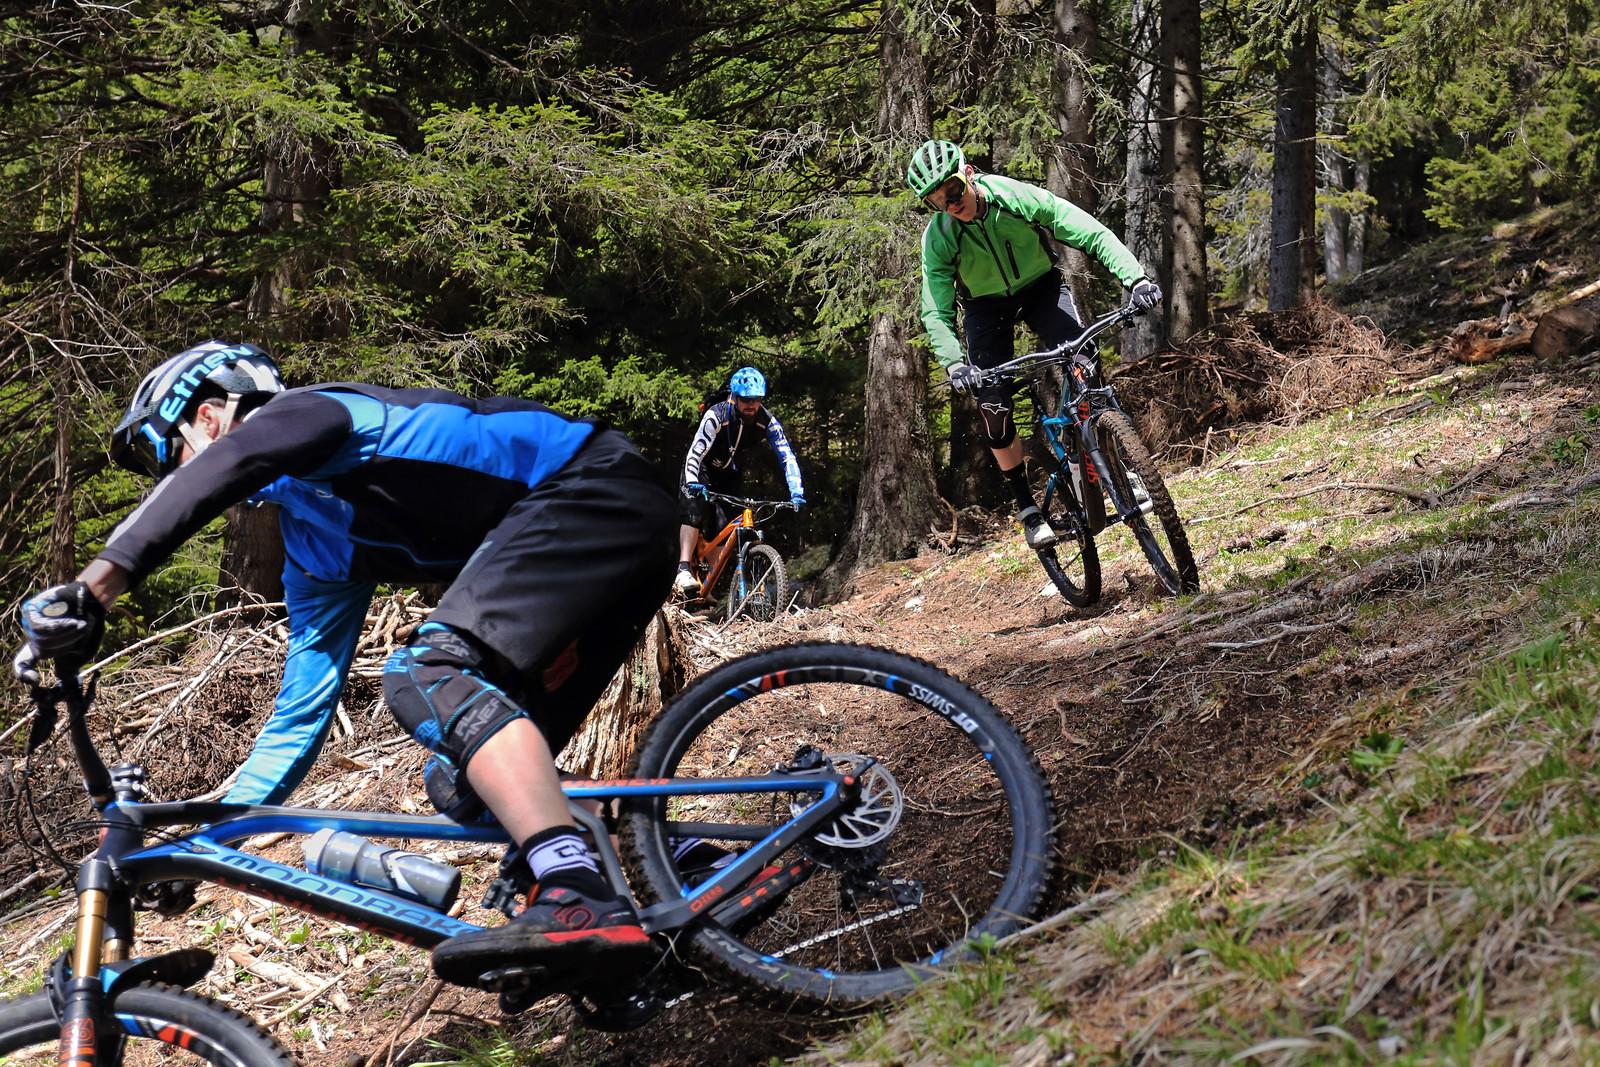 KG Bike foto Porson media 04 - porson - Mountain Biking Pictures - Vital MTB